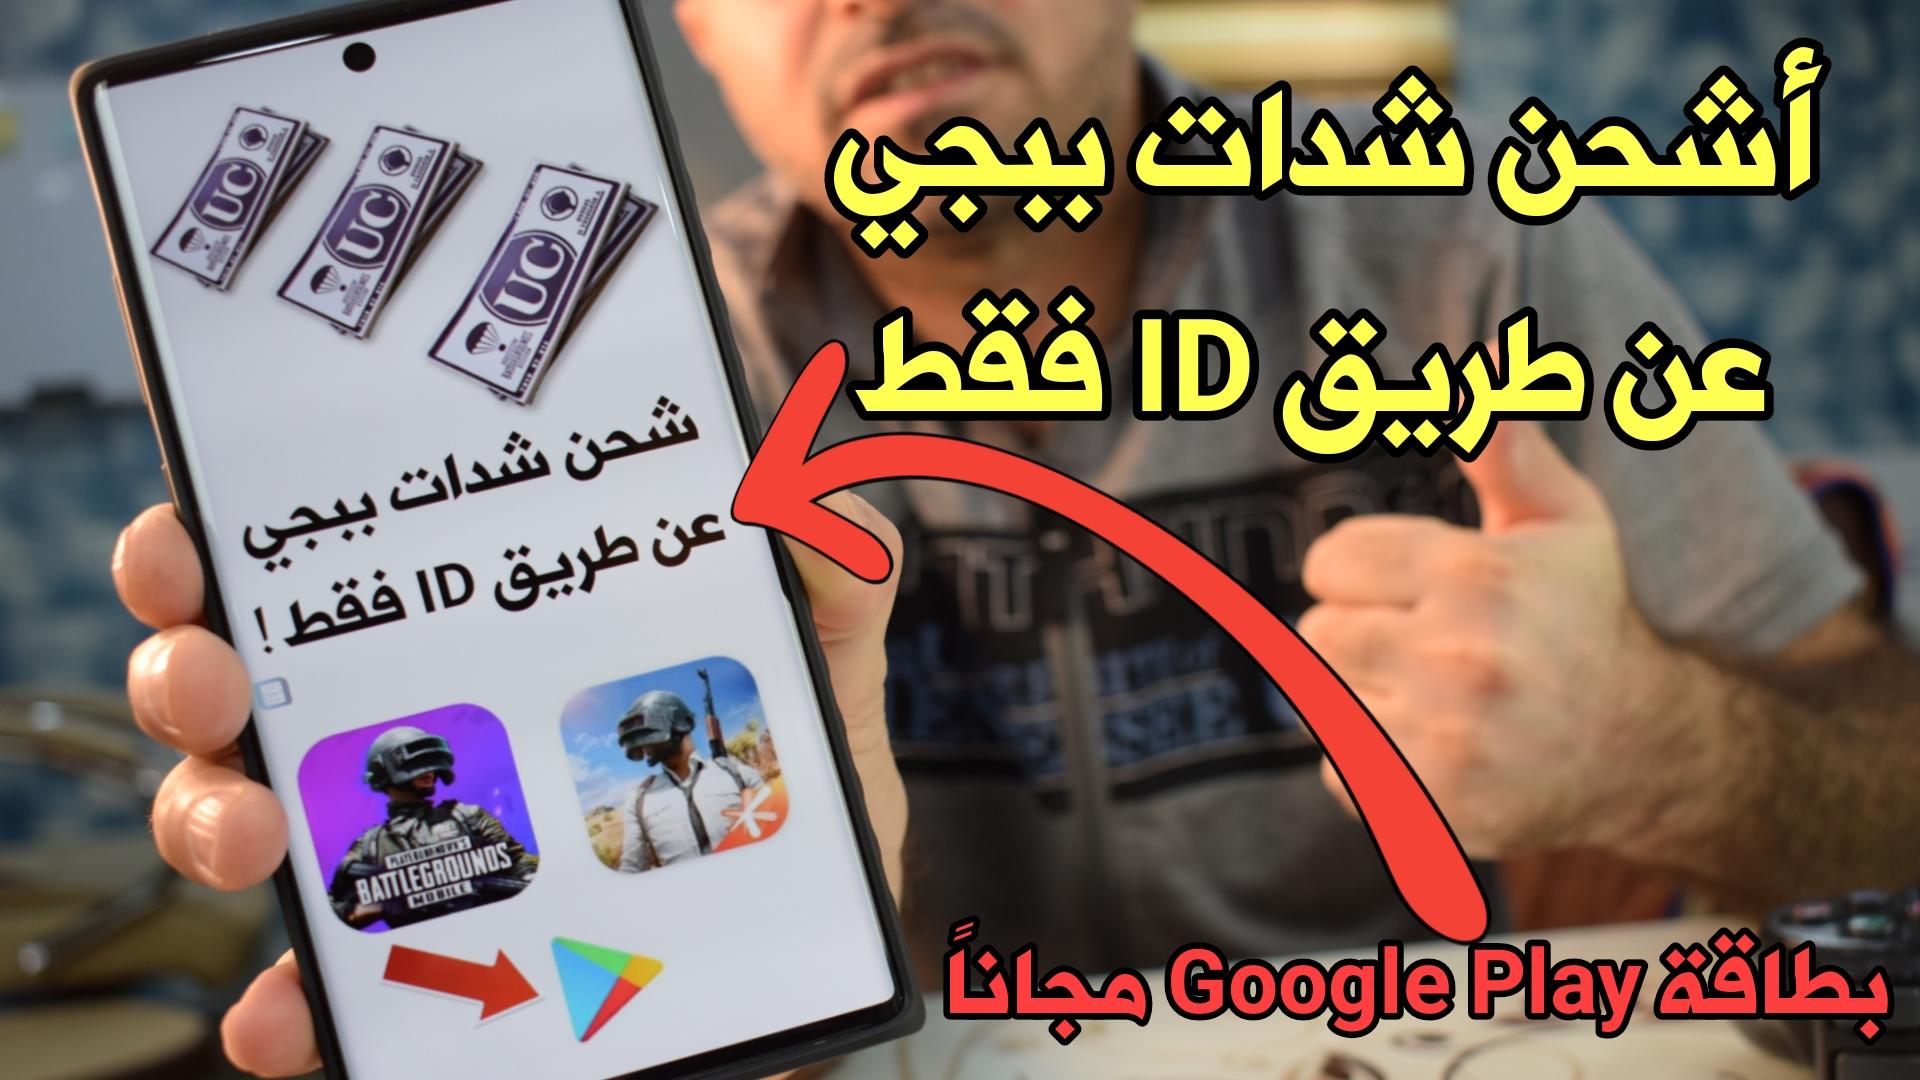 طريقة 2020 وآخير ربح بطاقة Google Play فئة 10$ وشحن شدات ببجي عن طريق ID فقط !